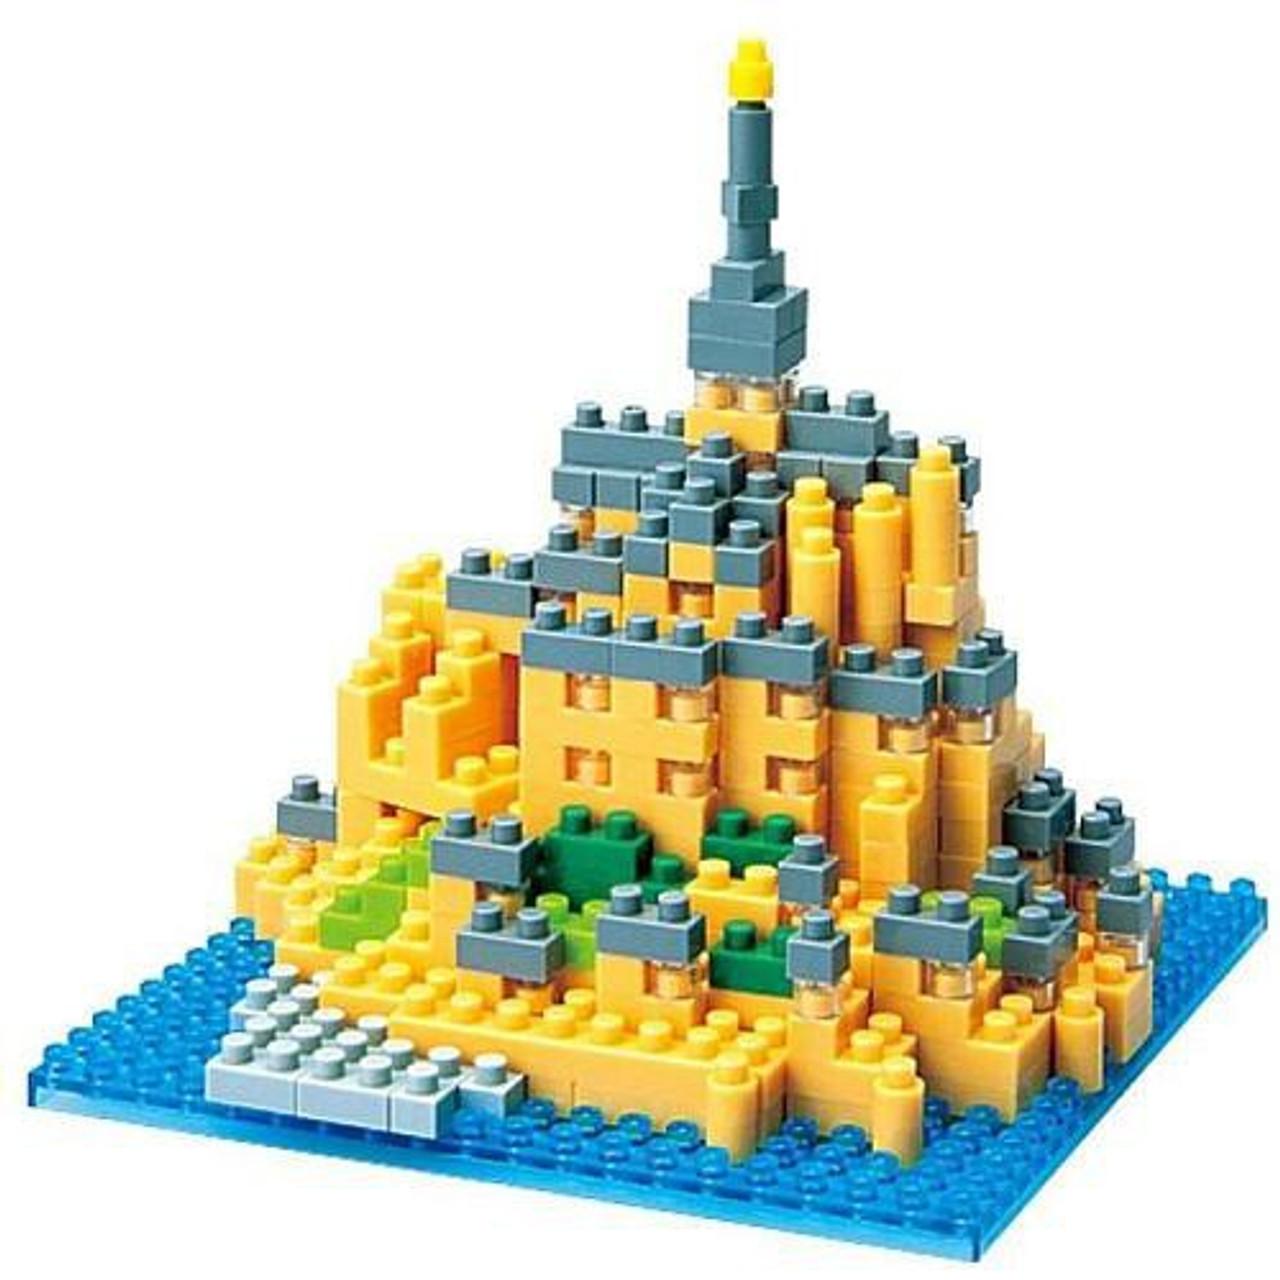 Nanoblock Micro-Sized Building Block Mont Saint-Michel Figure Set